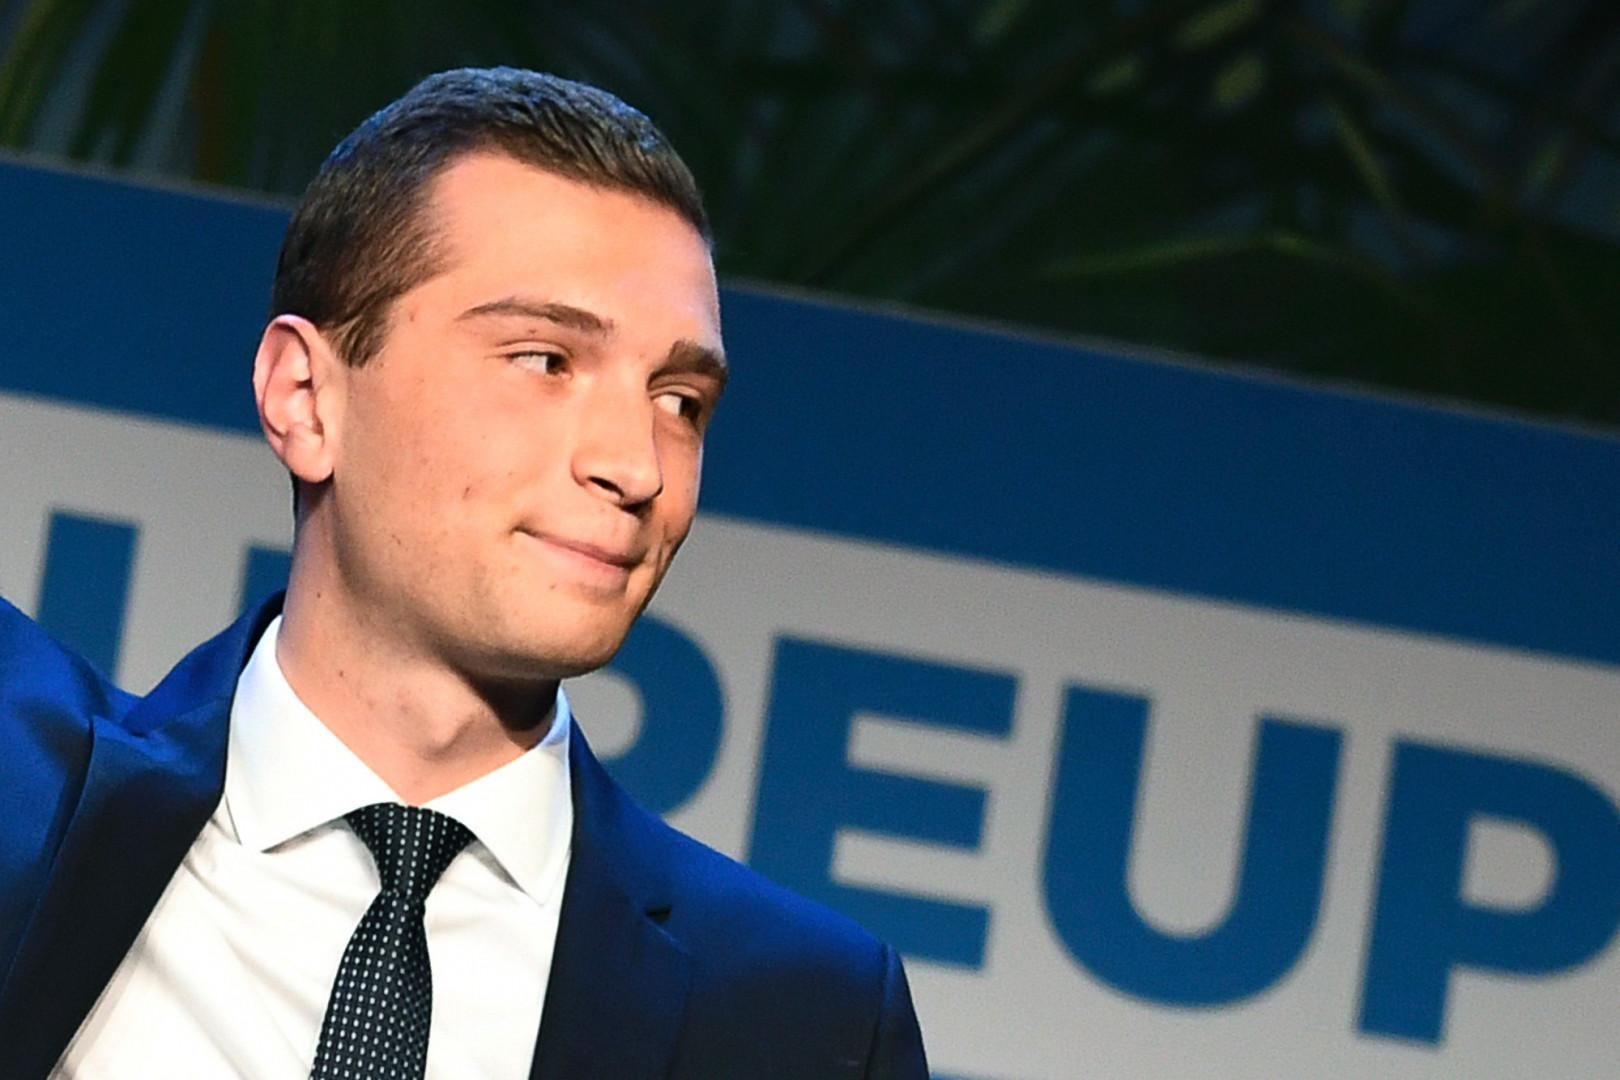 Jordan Bardella, eurodéputé et vice-président du Rassemblement national, a été testé positif au coronavirus le 2 novembre 2020